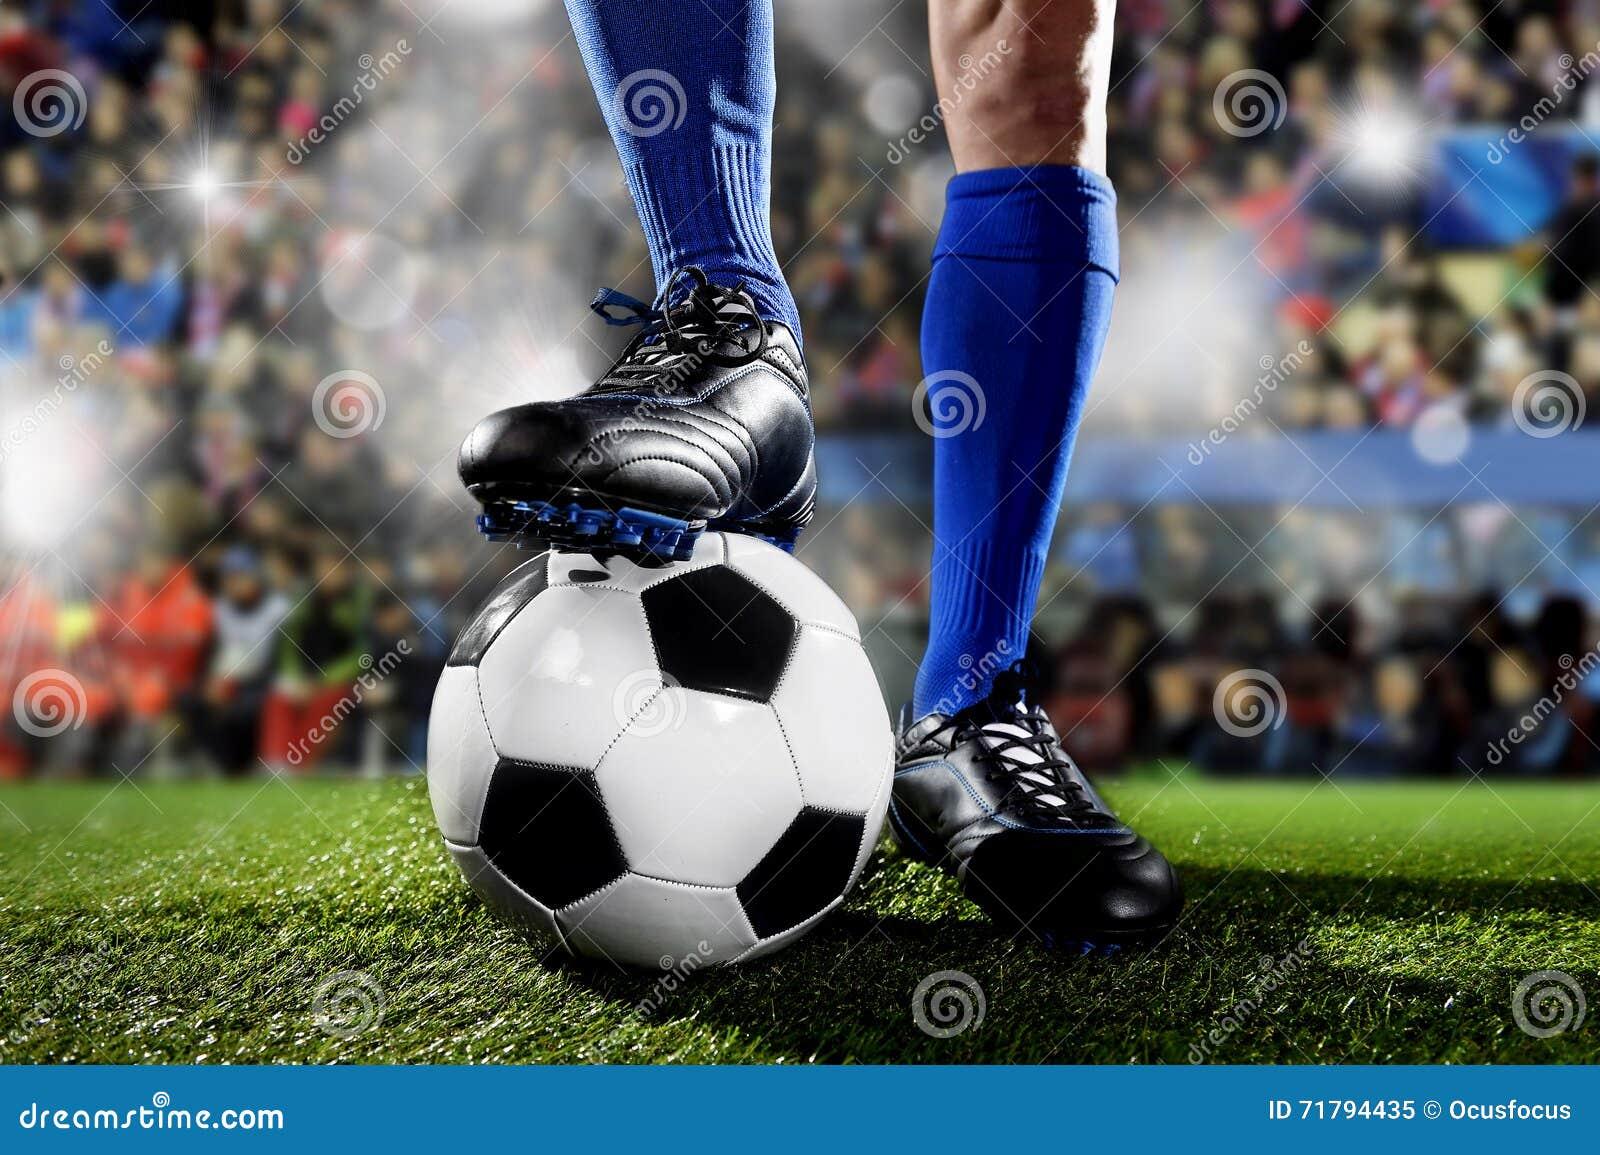 Piernas y pies del futbolista en calcetines azules y zapatos negros que se colocan con la bola que juega el partido en el estadio